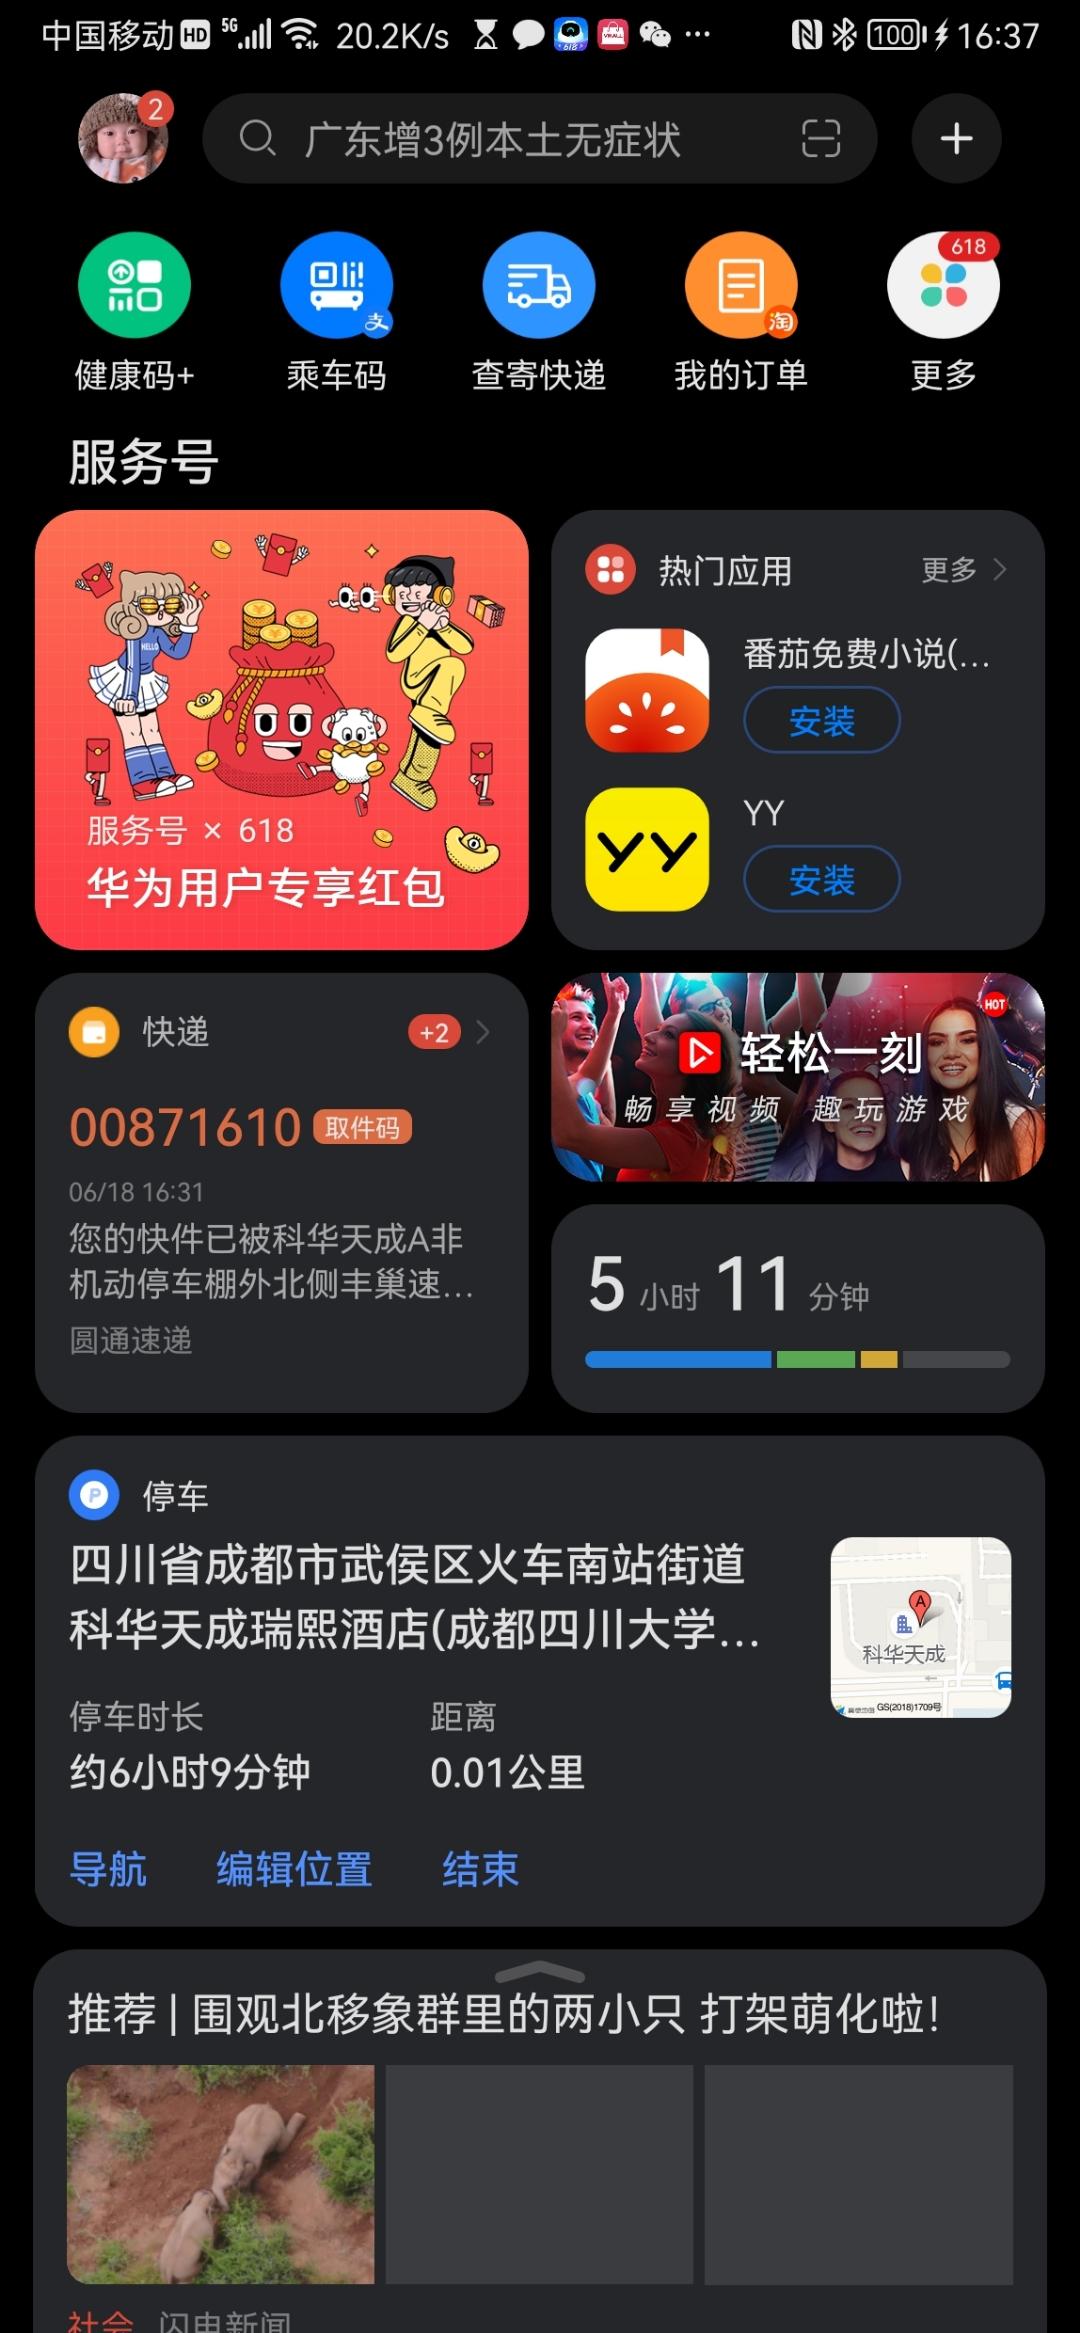 Screenshot_20210618_163724_com.huawei.android.launcher.jpg